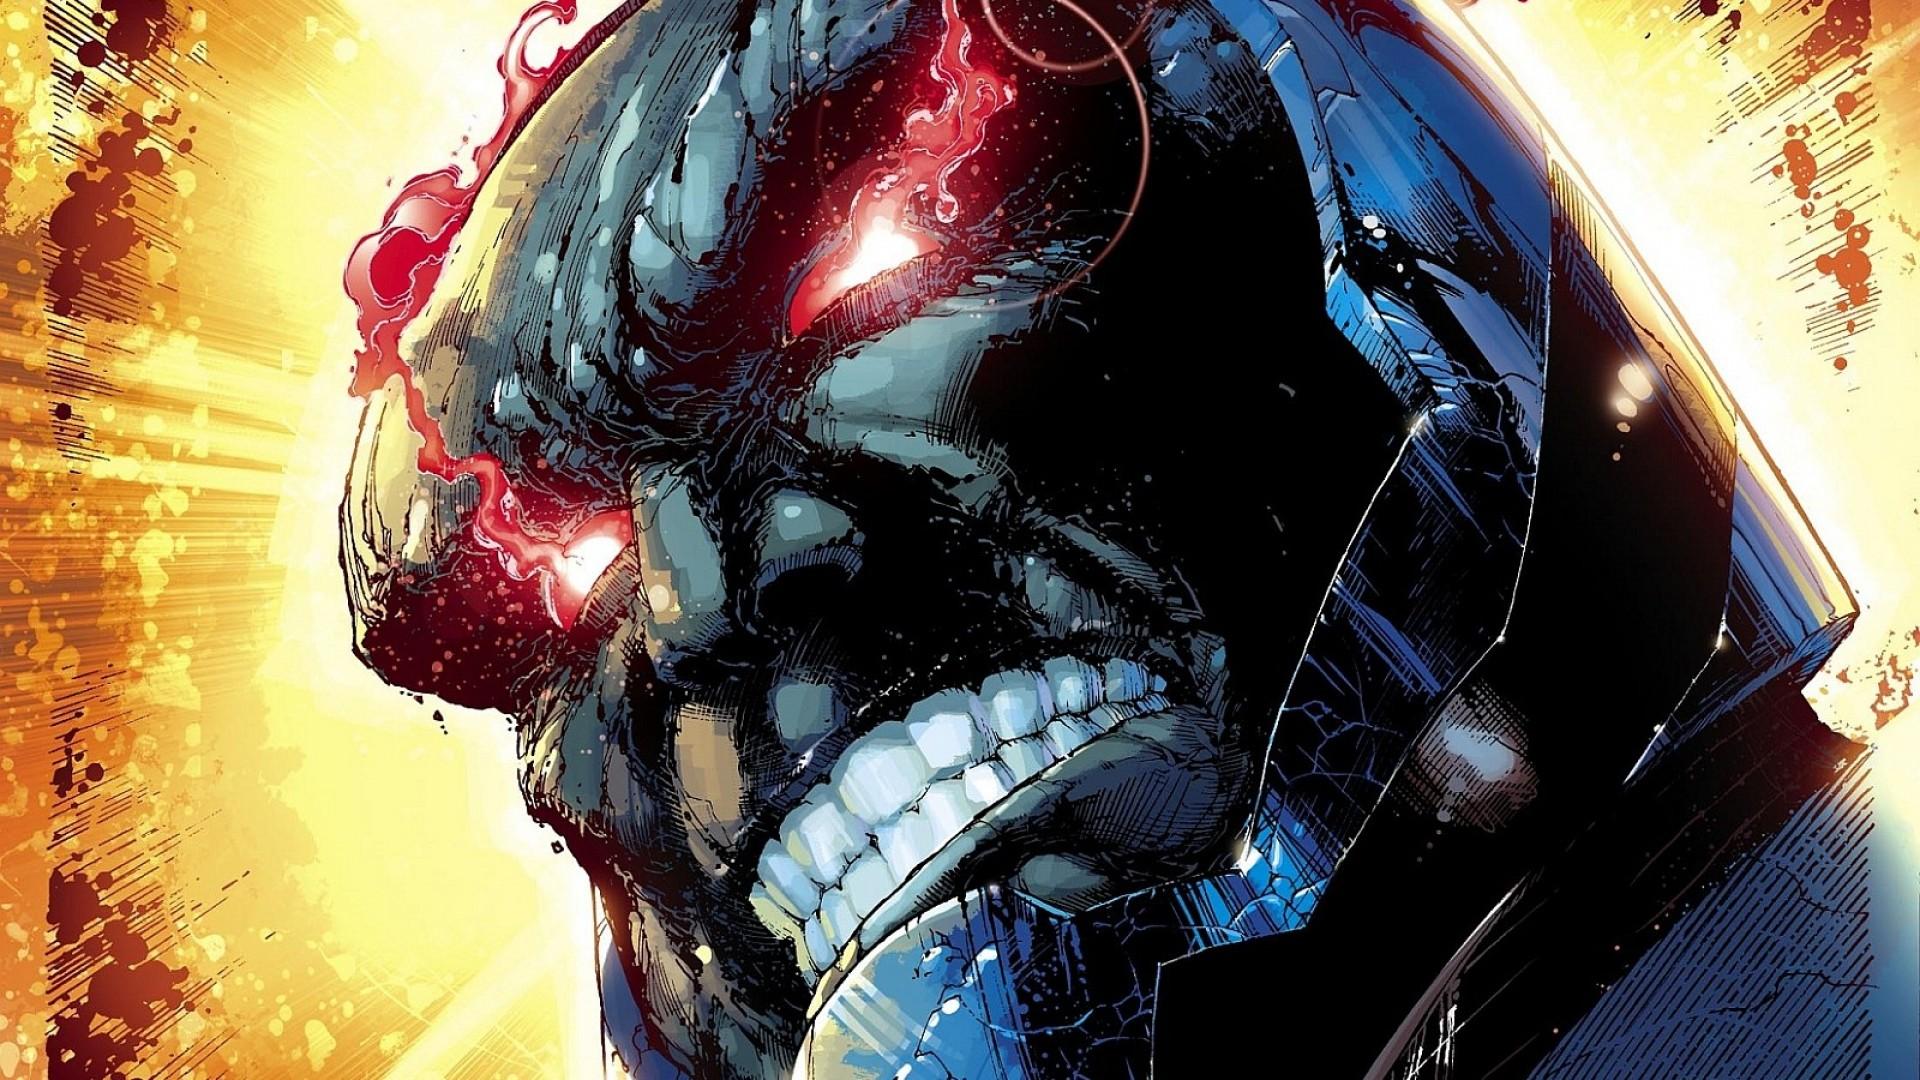 Darkseid DC Comics 1920x1080